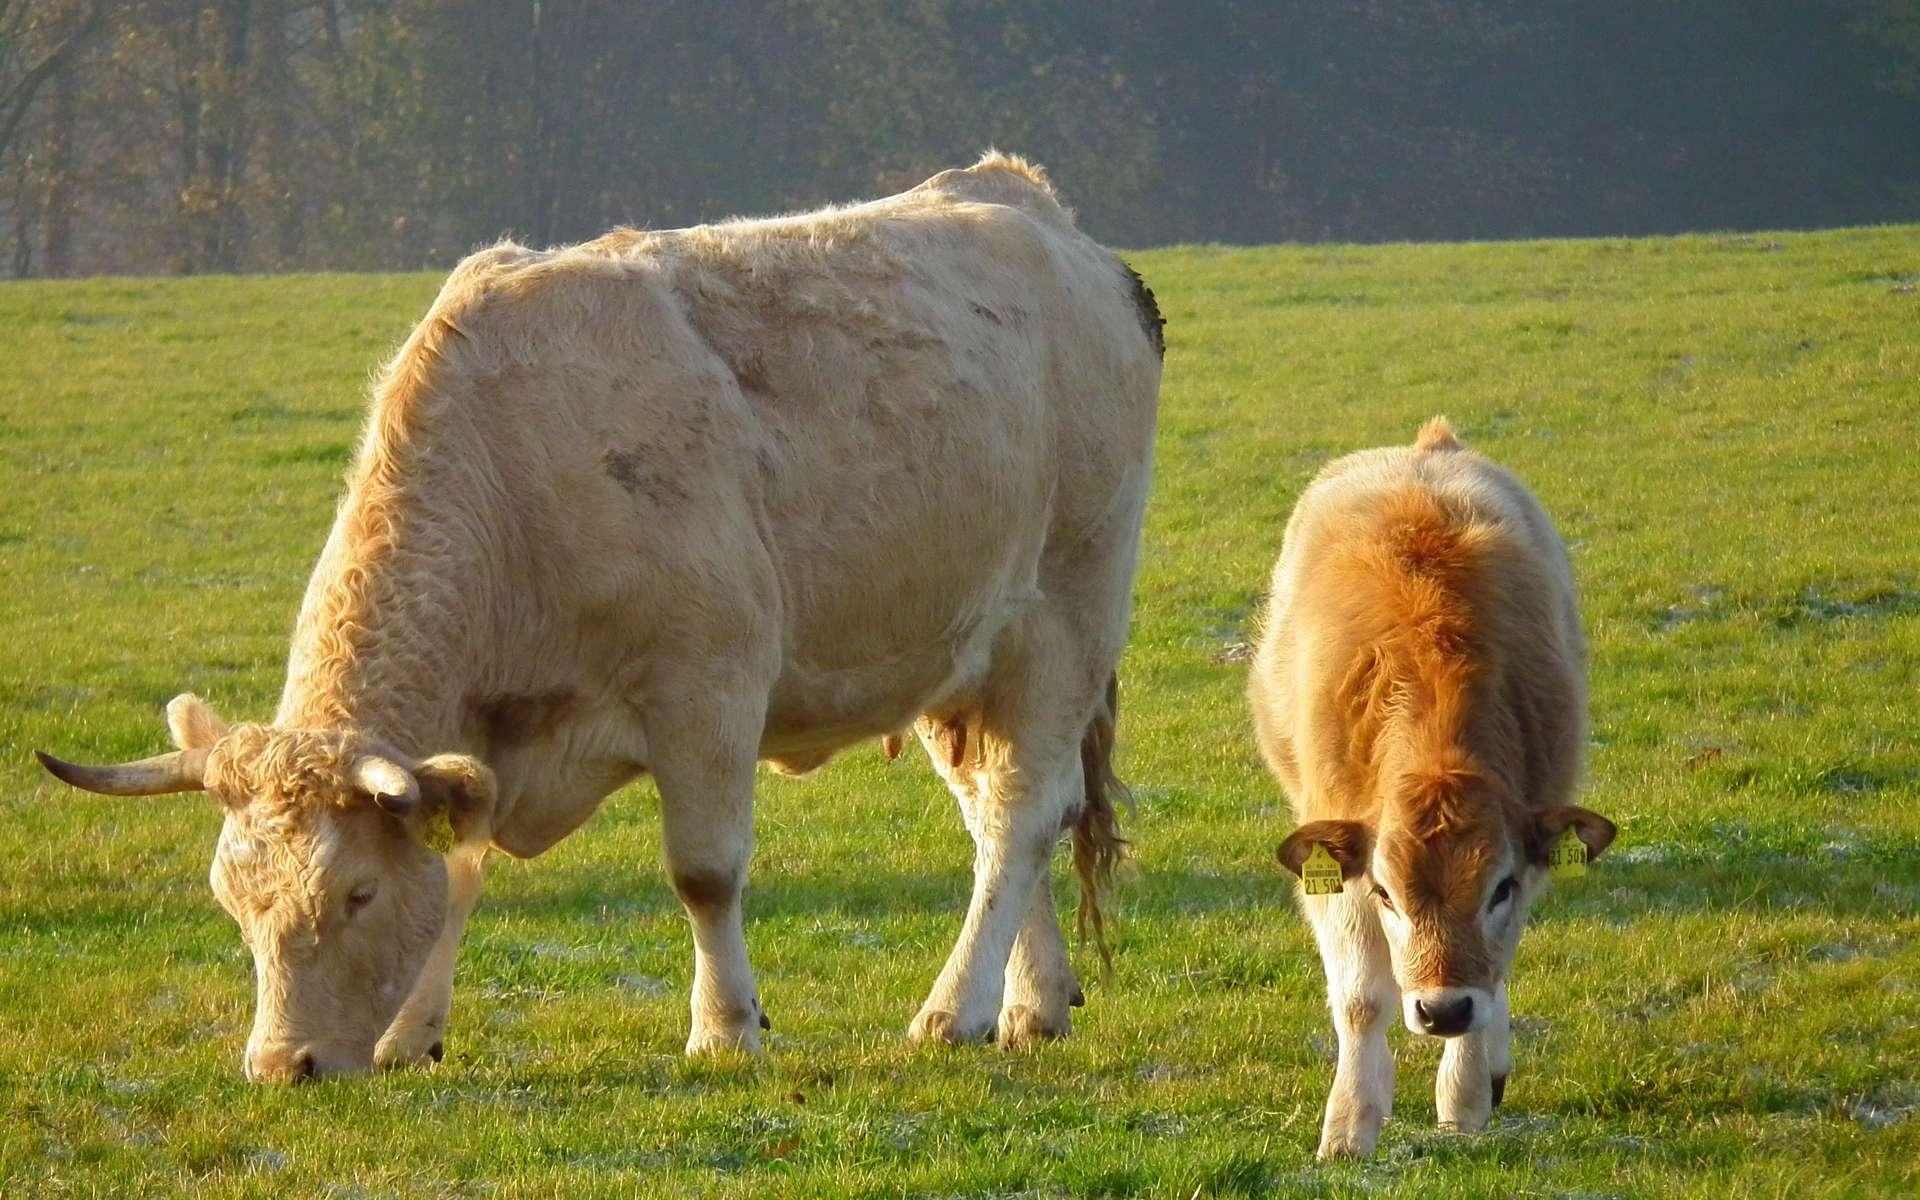 En image, une vache et son veau en train de brouter dans un pré. De plus en plus de personnes préfèrent acheter une viande dont l'animal a vécu dans de bonnes conditions. © 4028mdk09, Wikimedia, cc by sa 3.0